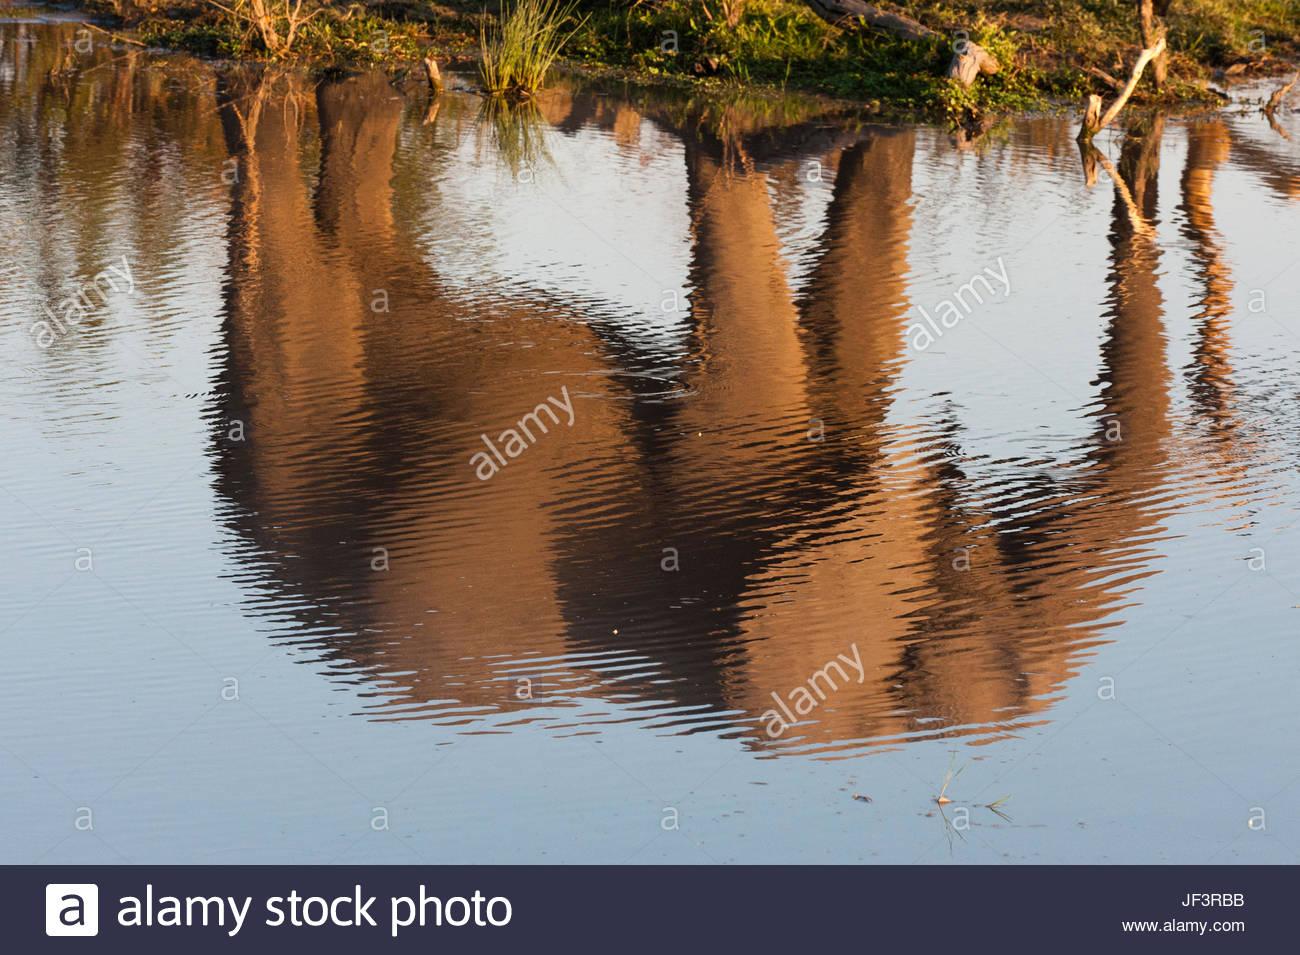 La riflessione di un elefante africano Loxodonta africana, camminando accanto al fiume. Immagini Stock